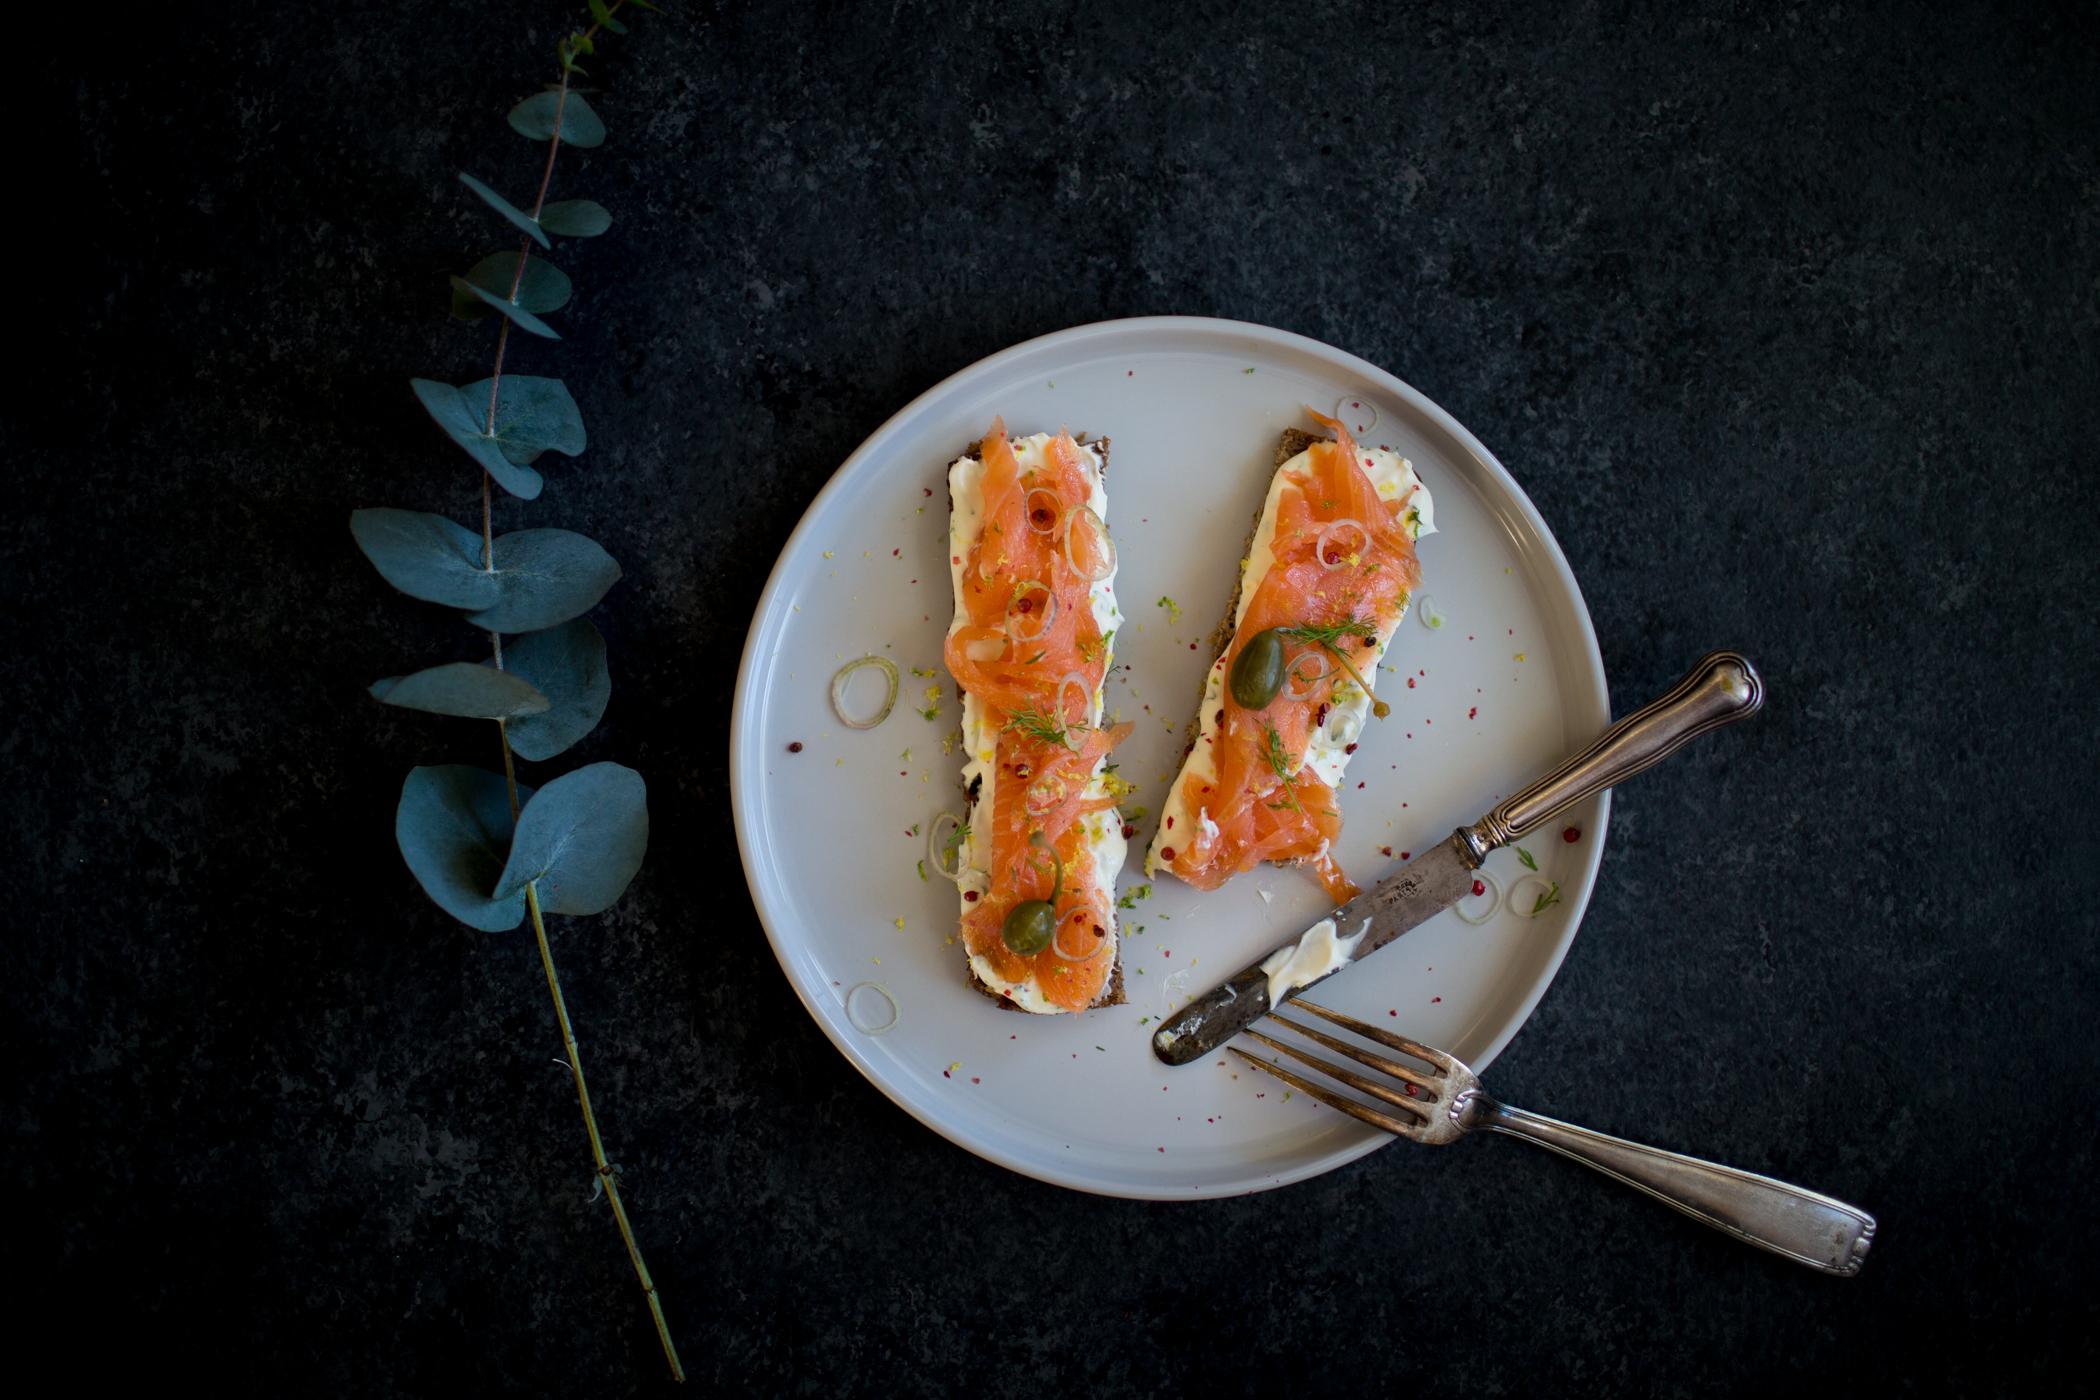 smorrebrod-saumon-creme-7